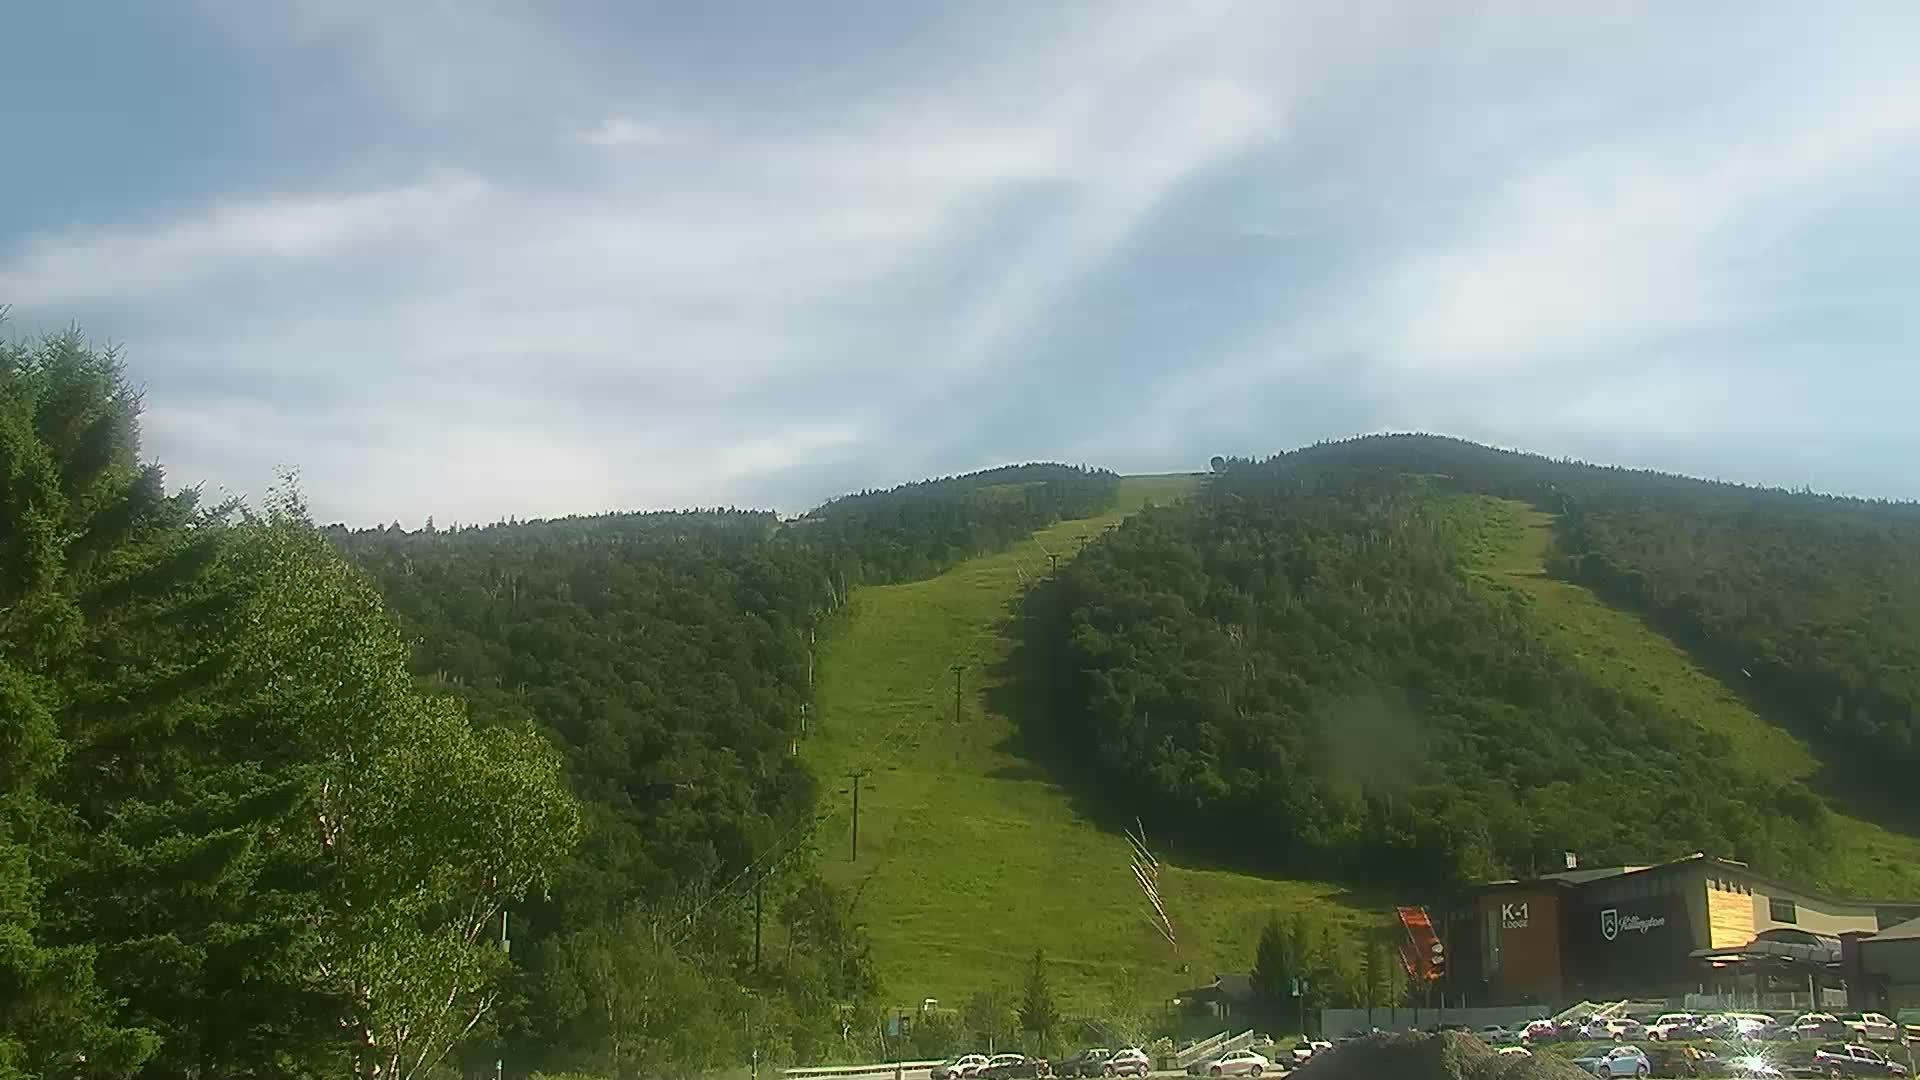 Webkamera Killington: Killington Ski Area